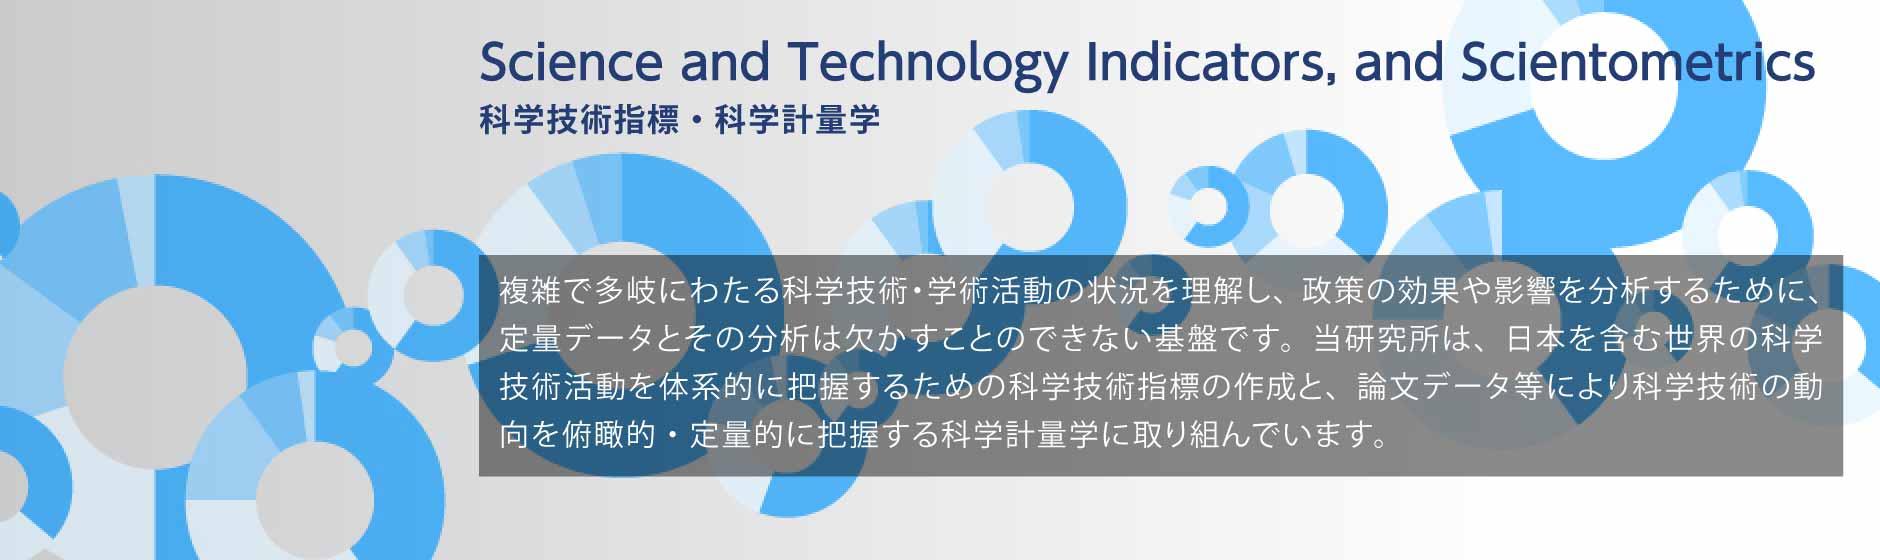 科学技術指標・科学計量学